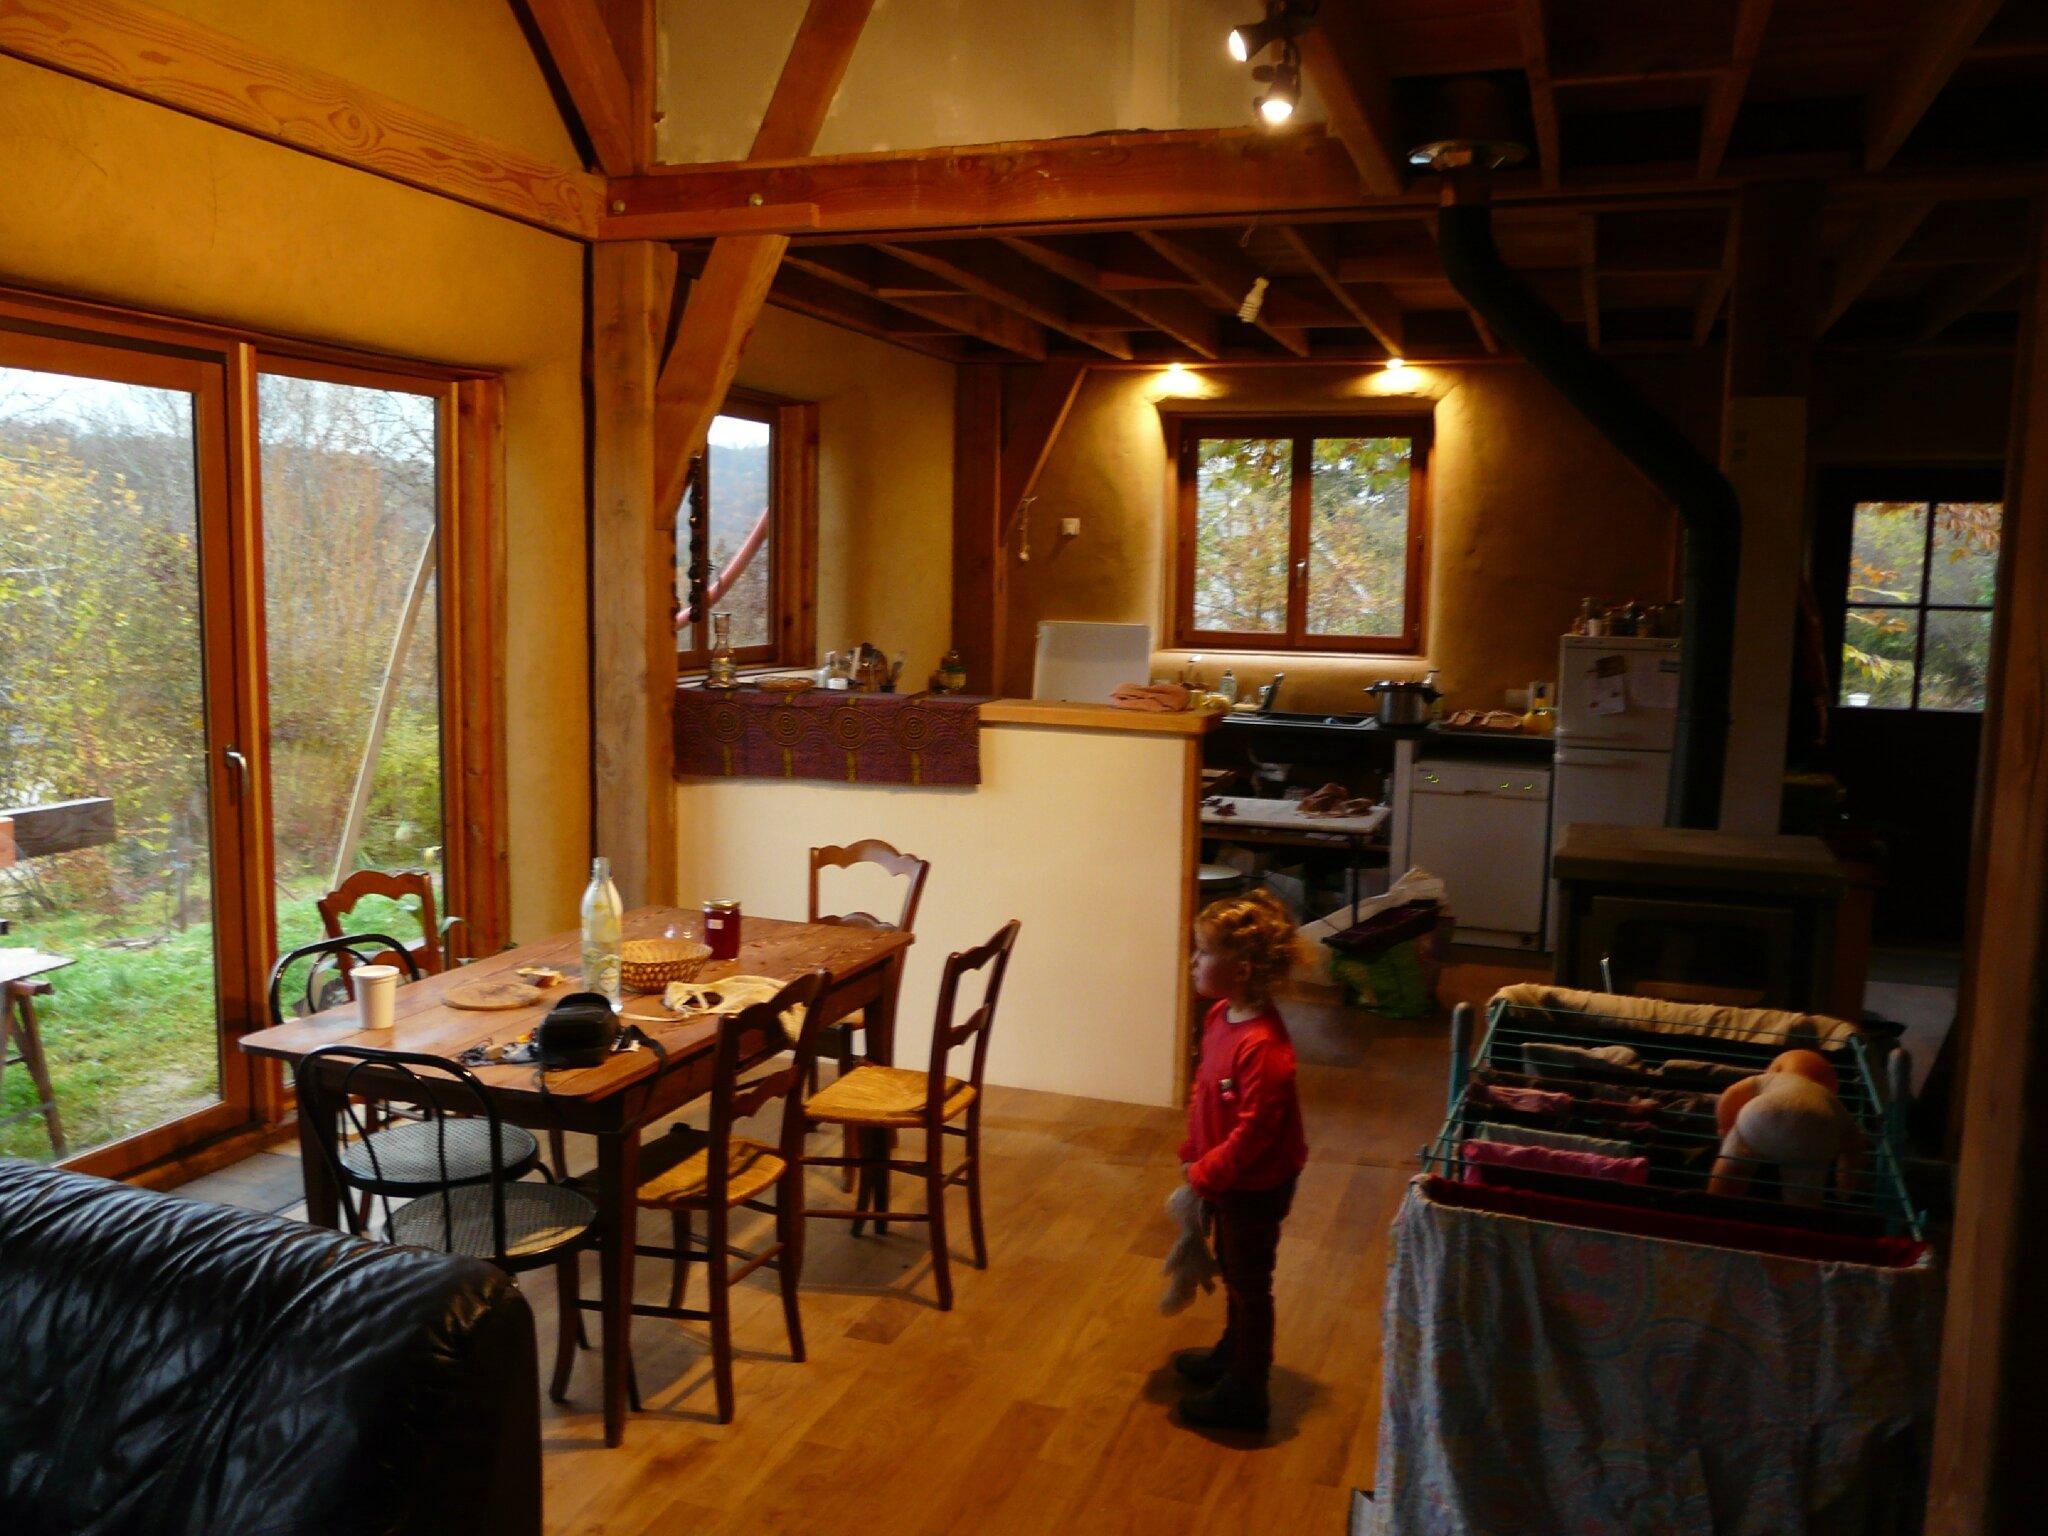 Installation 2mois construction d 39 une maison en paille en corr ze - Maison en paille porteuse ...